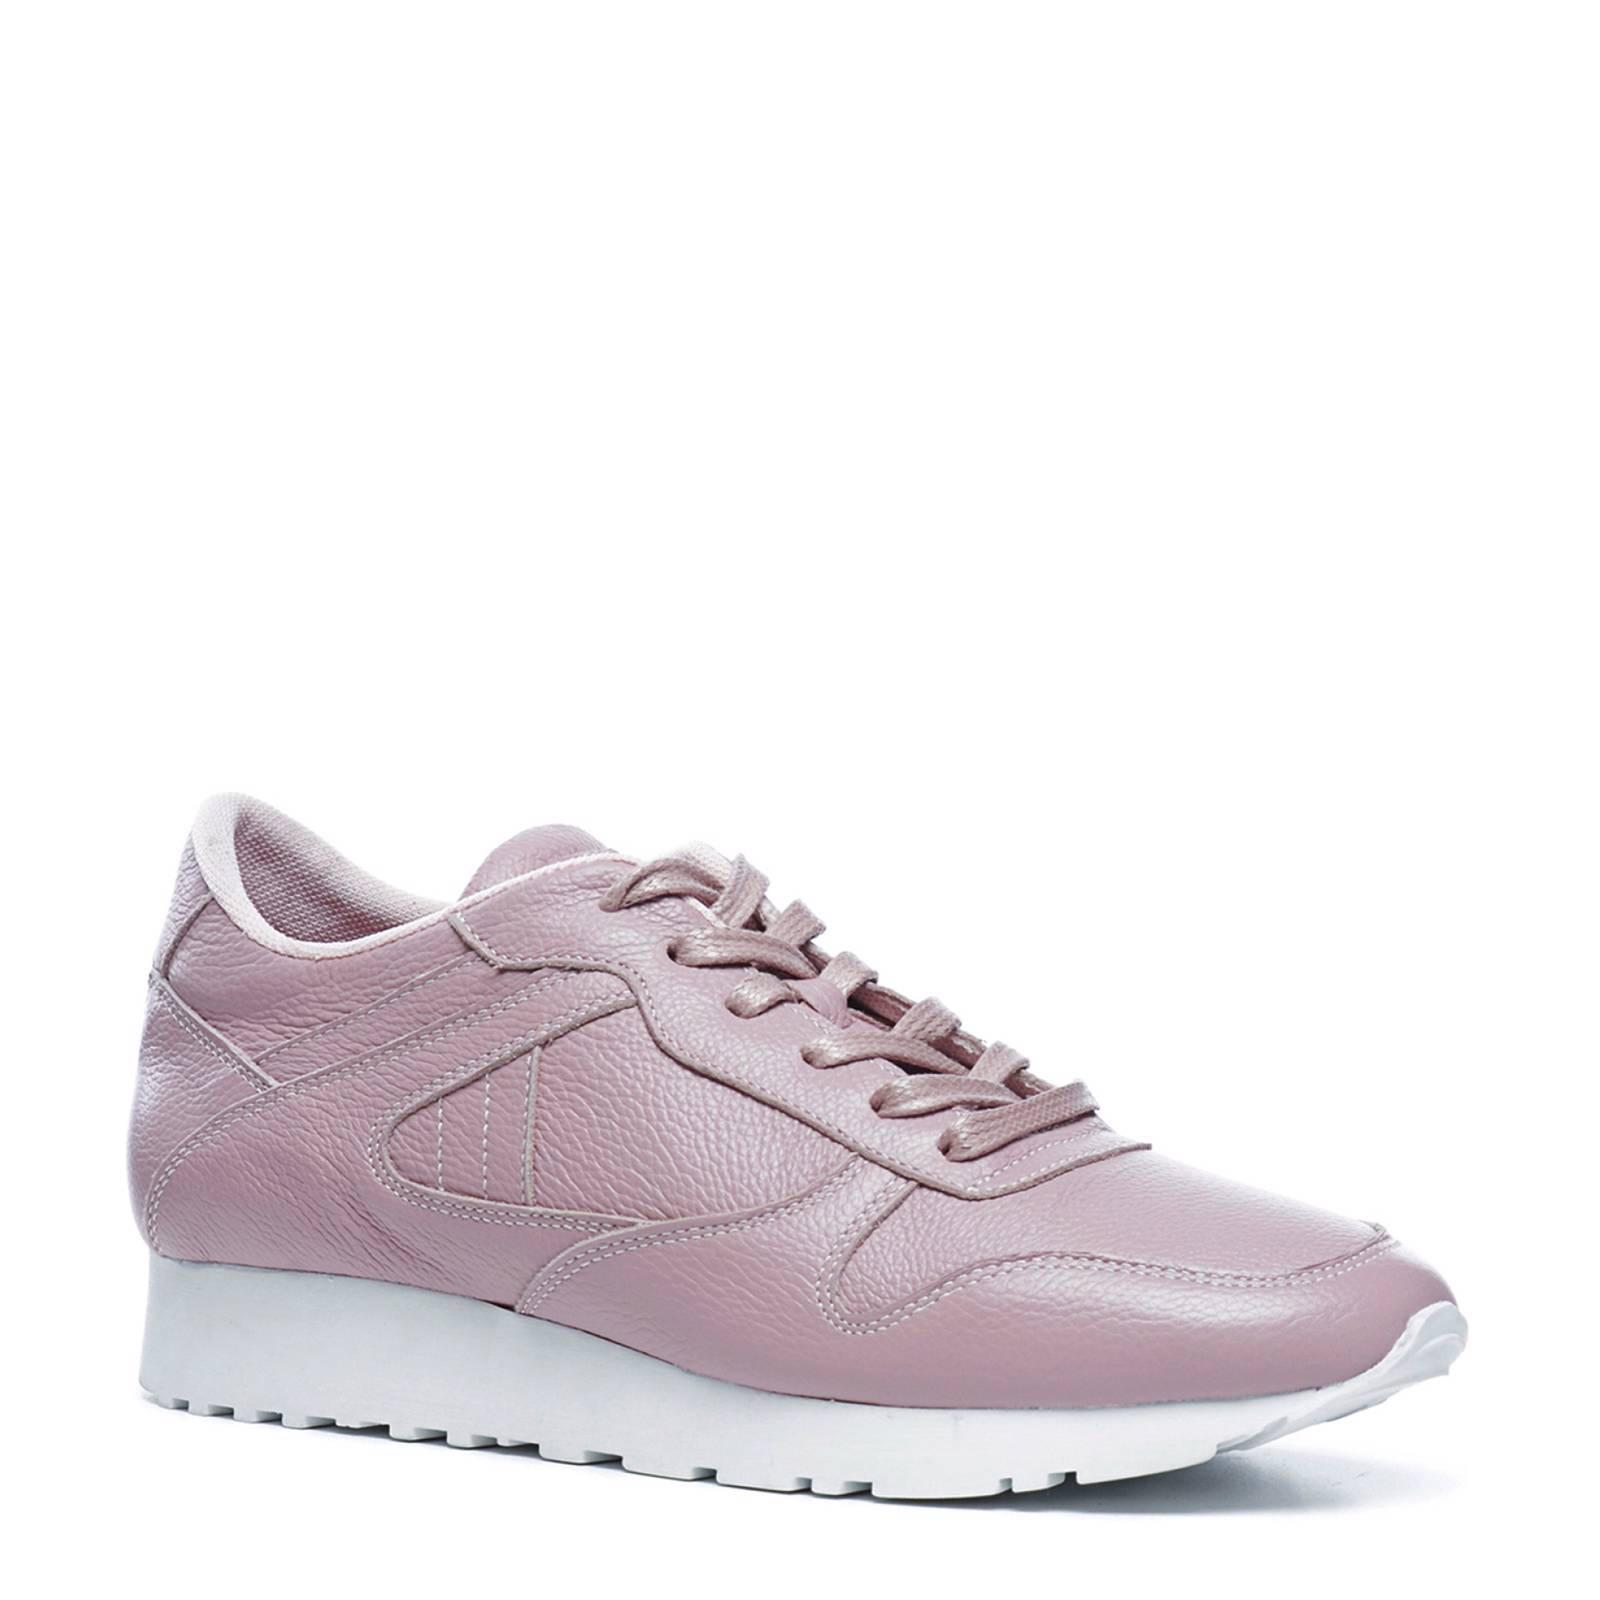 Leren Sacha Leren Wehkamp Sacha Sneakers 1EdnZq